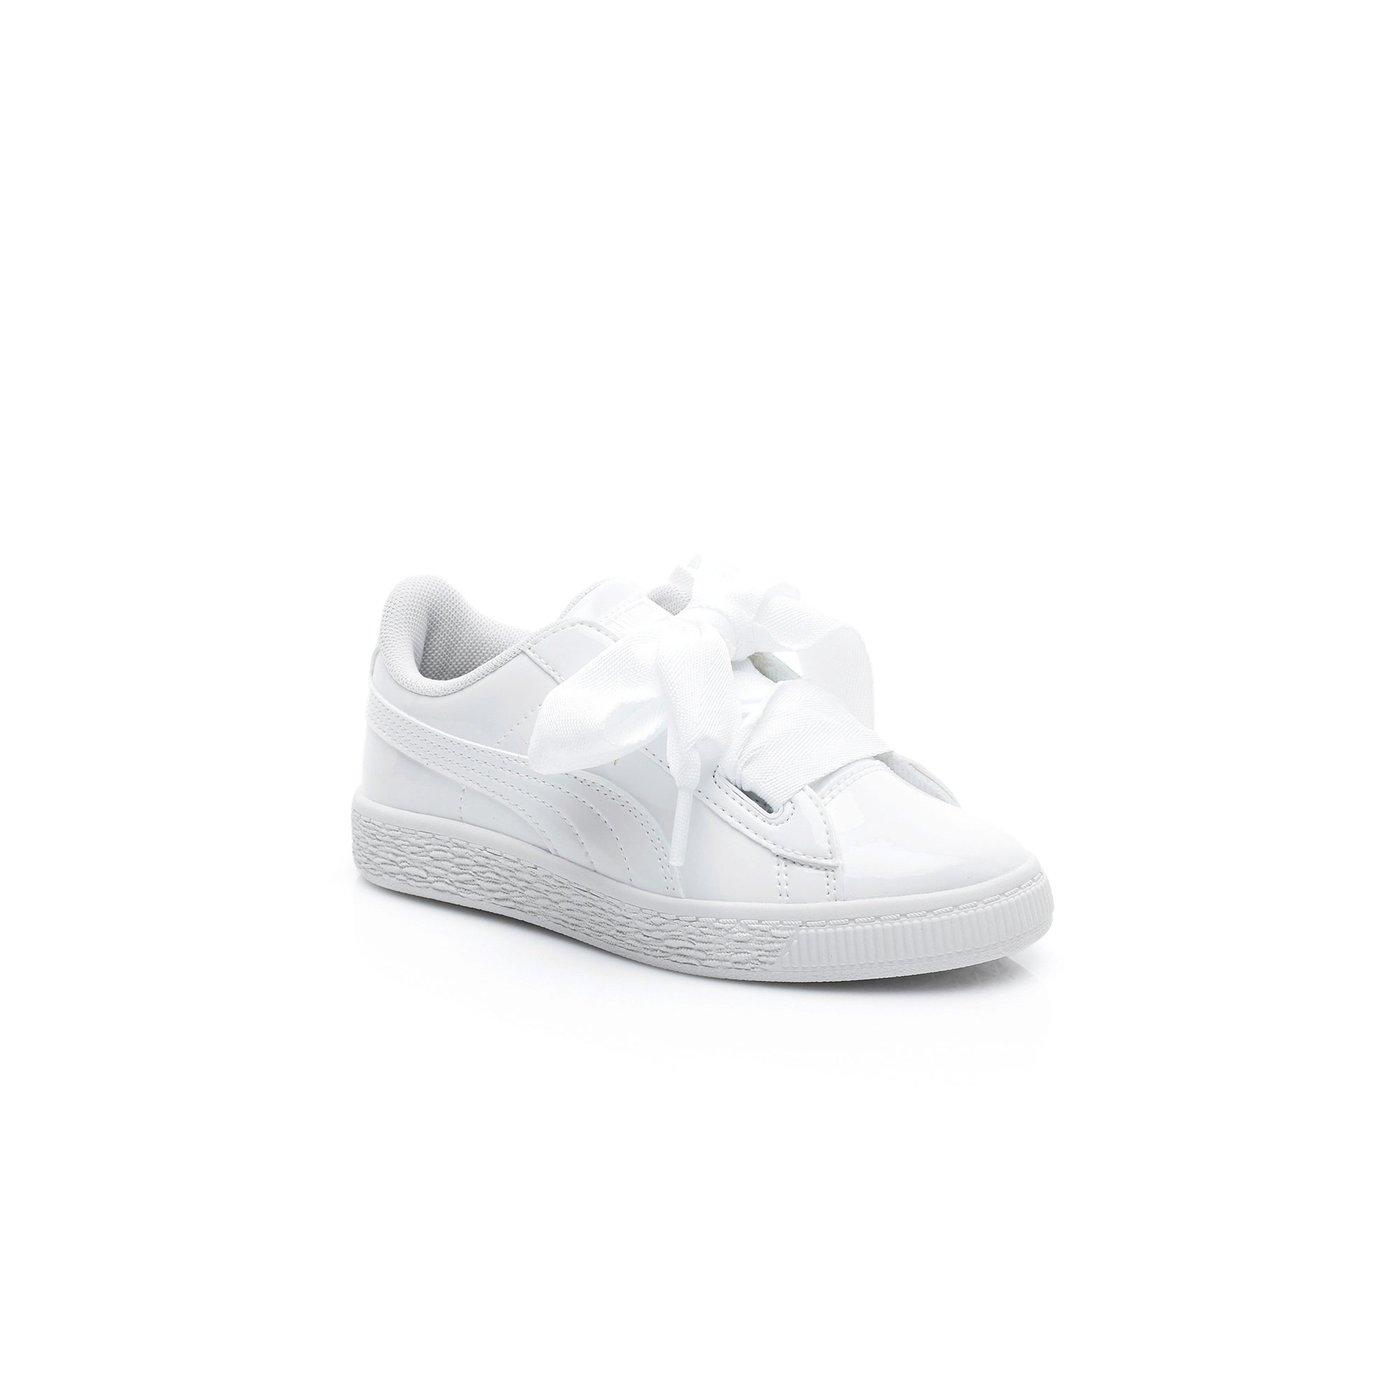 Puma Basket Heart Patent Çocuk Beyaz Spor Ayakkabı